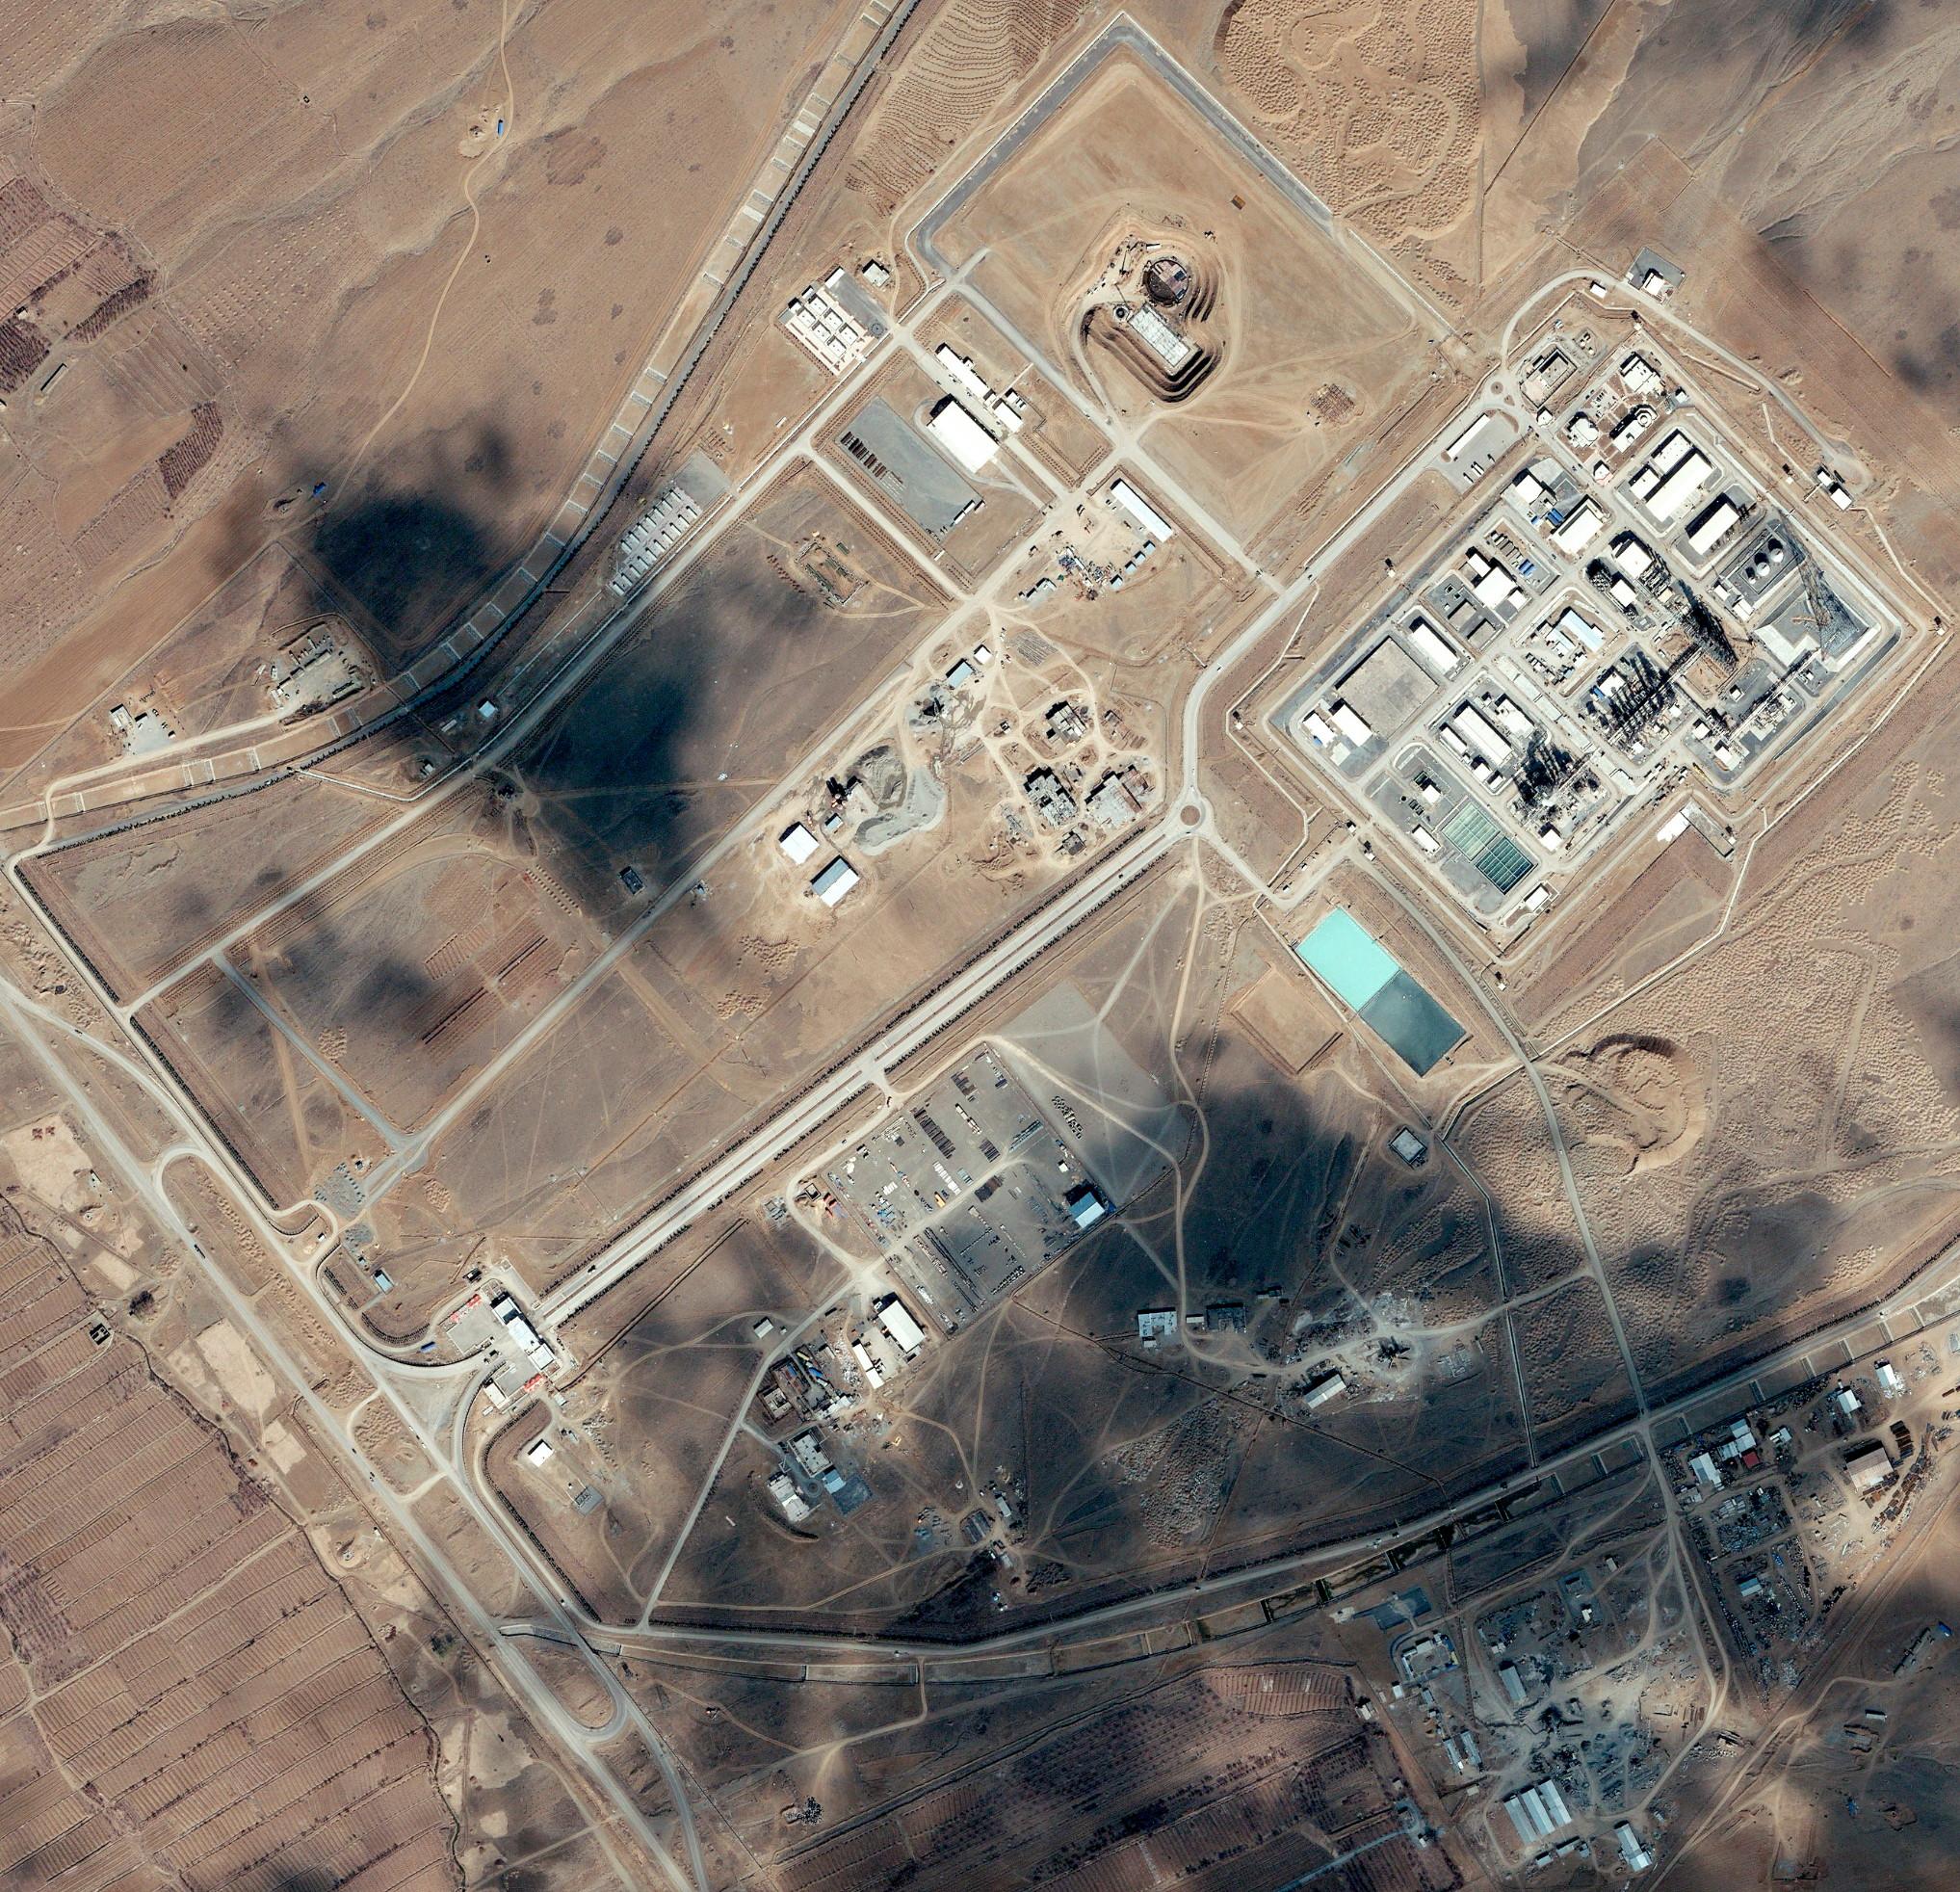 Arihvska fotografija postrojenja u Iranu u kojem se gradio nuklearni reaktor